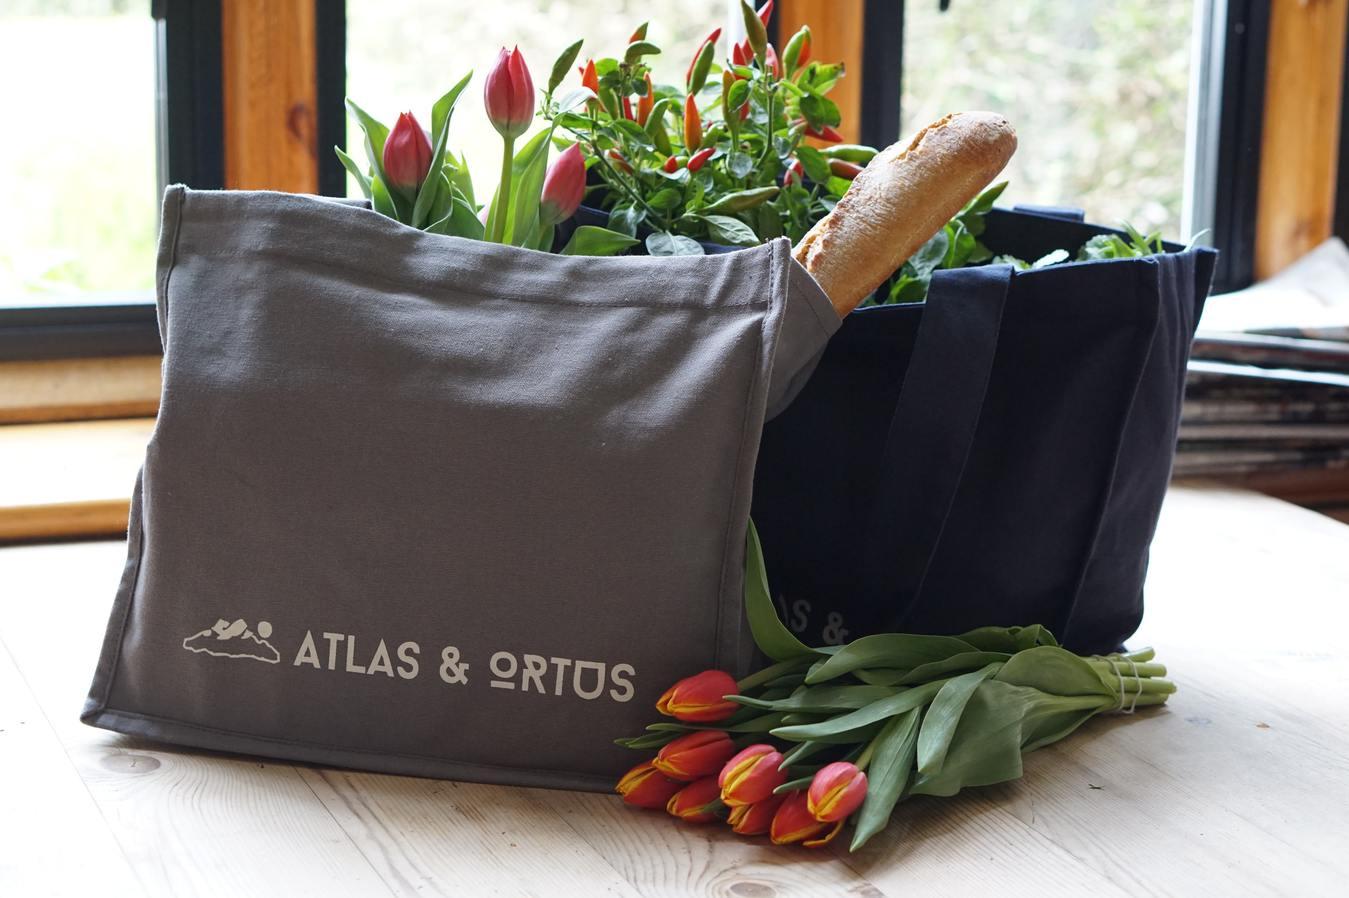 Einkaufstaschen auf einem Tisch